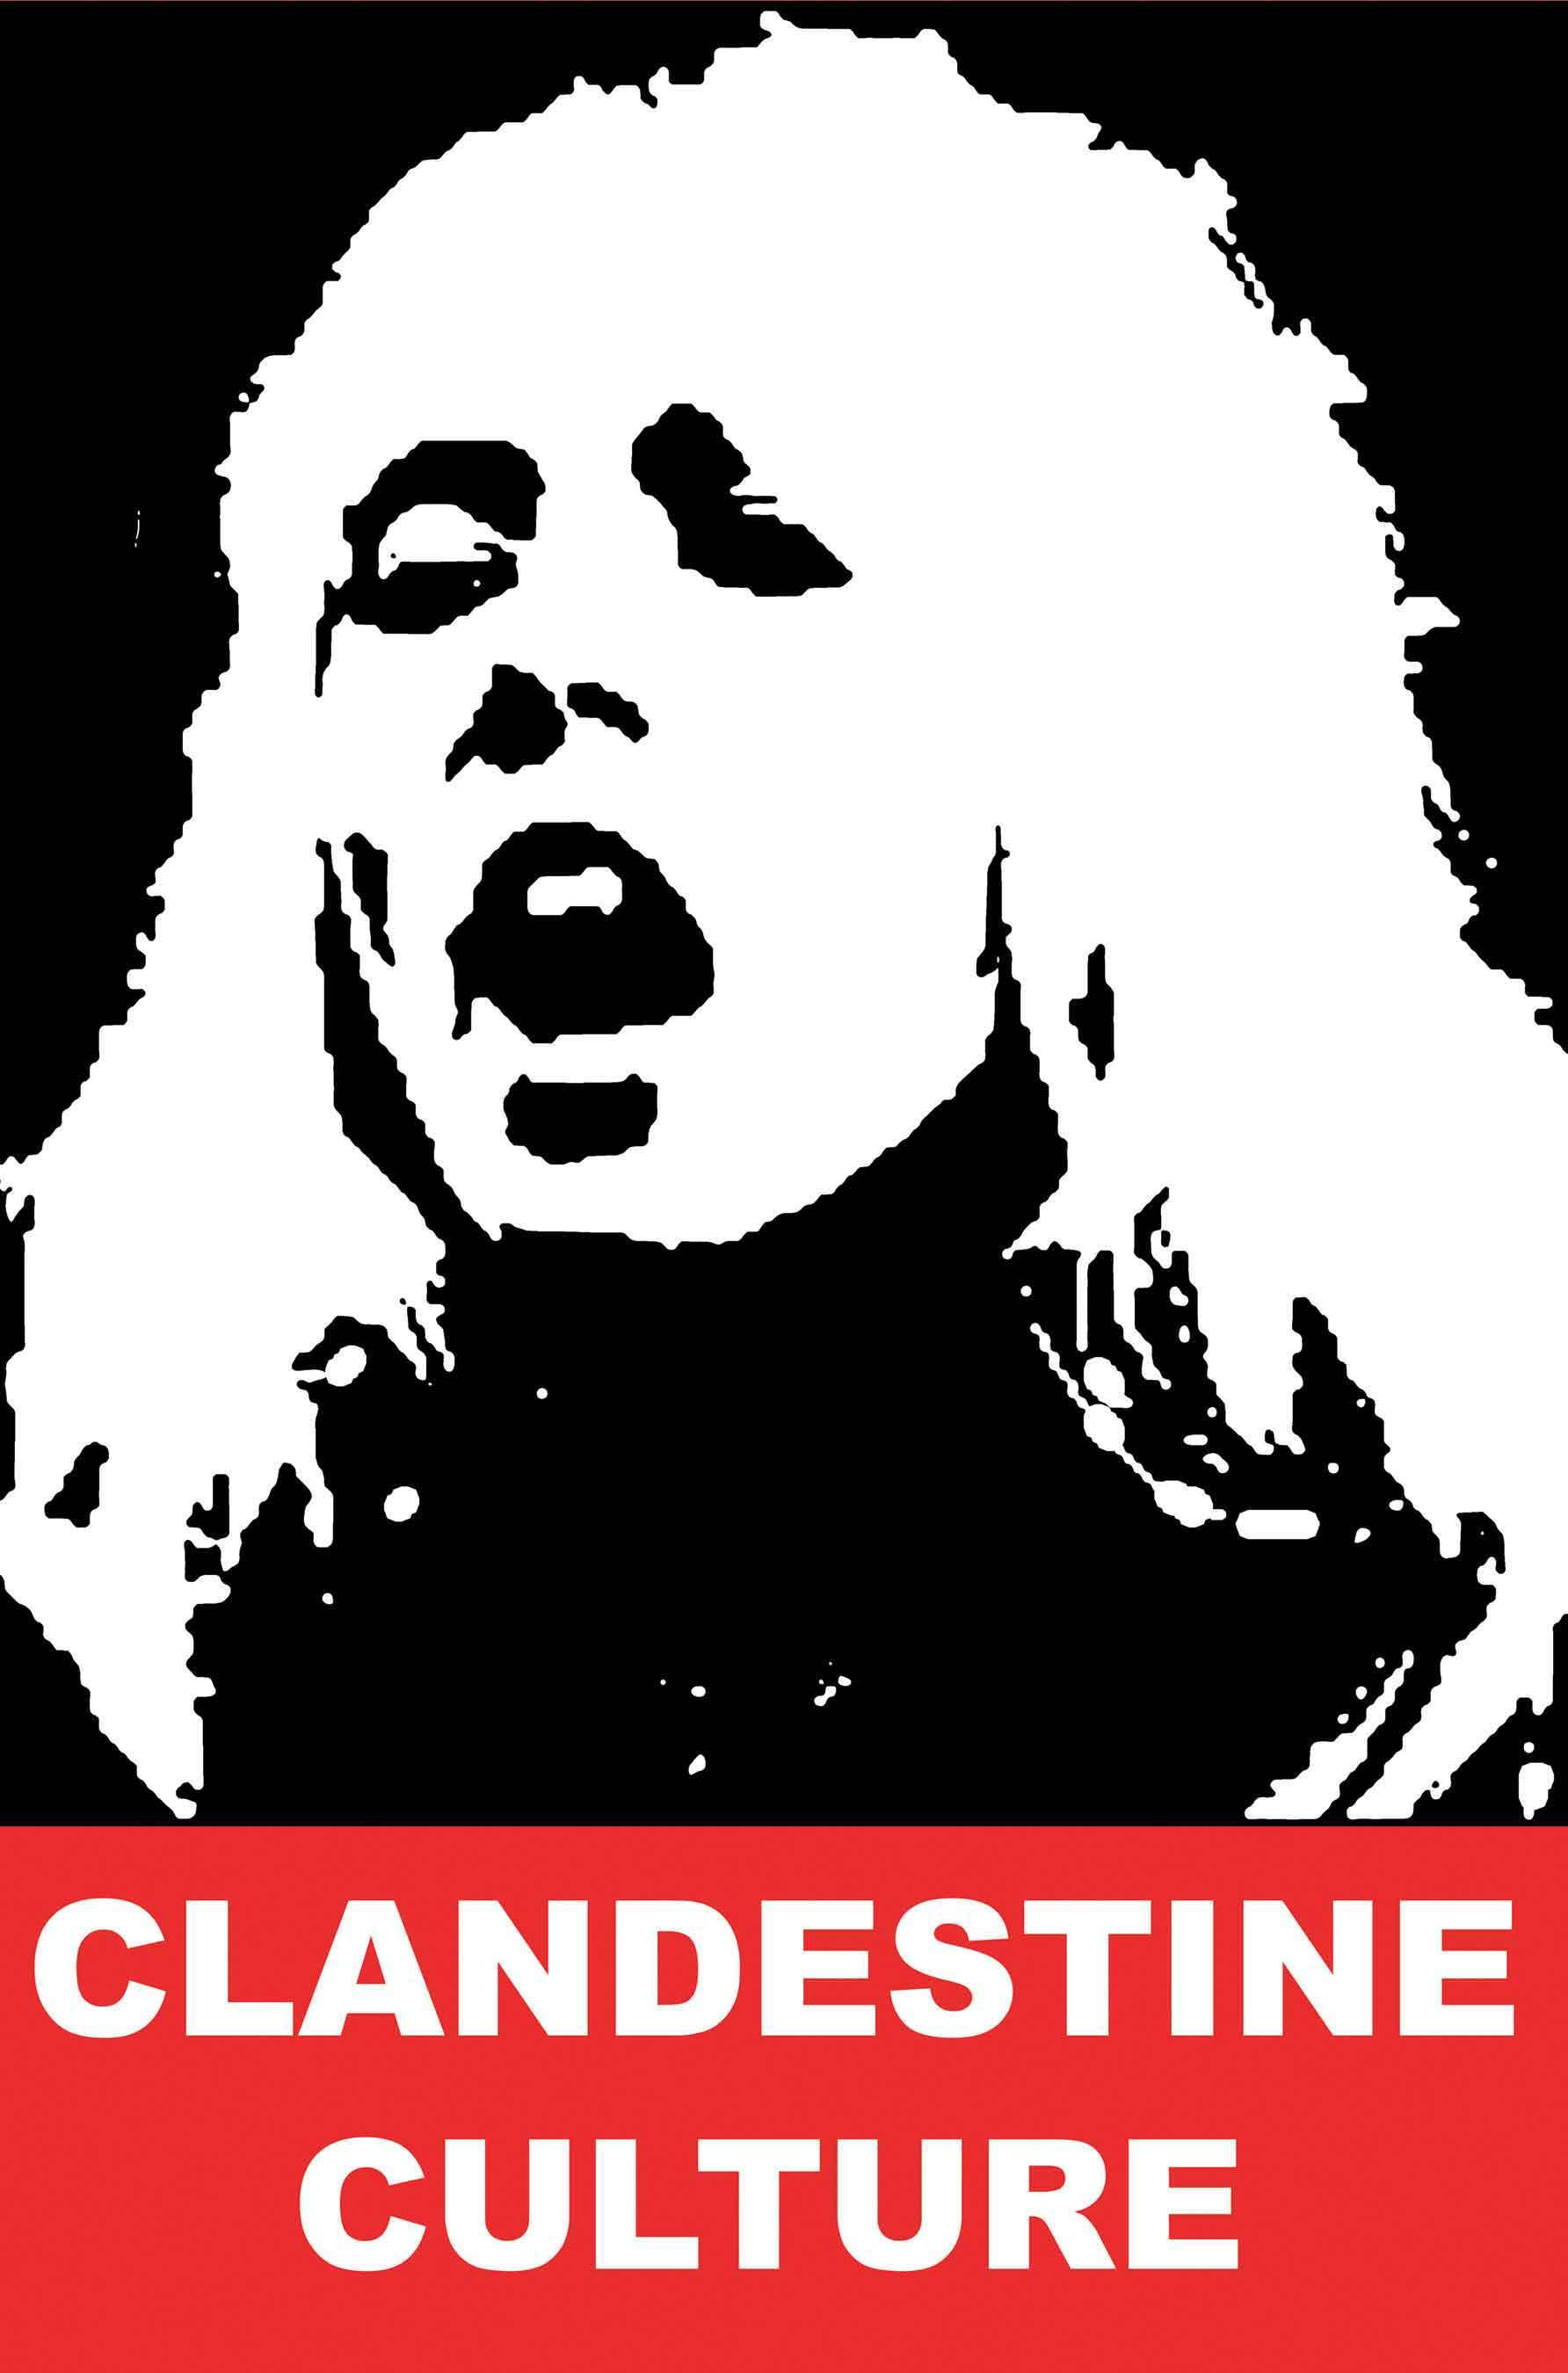 clandestine cultures Clandestine culture présenté par amorosart, liste des estampes disponibles de  clandestine culture et galeries d'art proposant des œuvres de l'artiste.